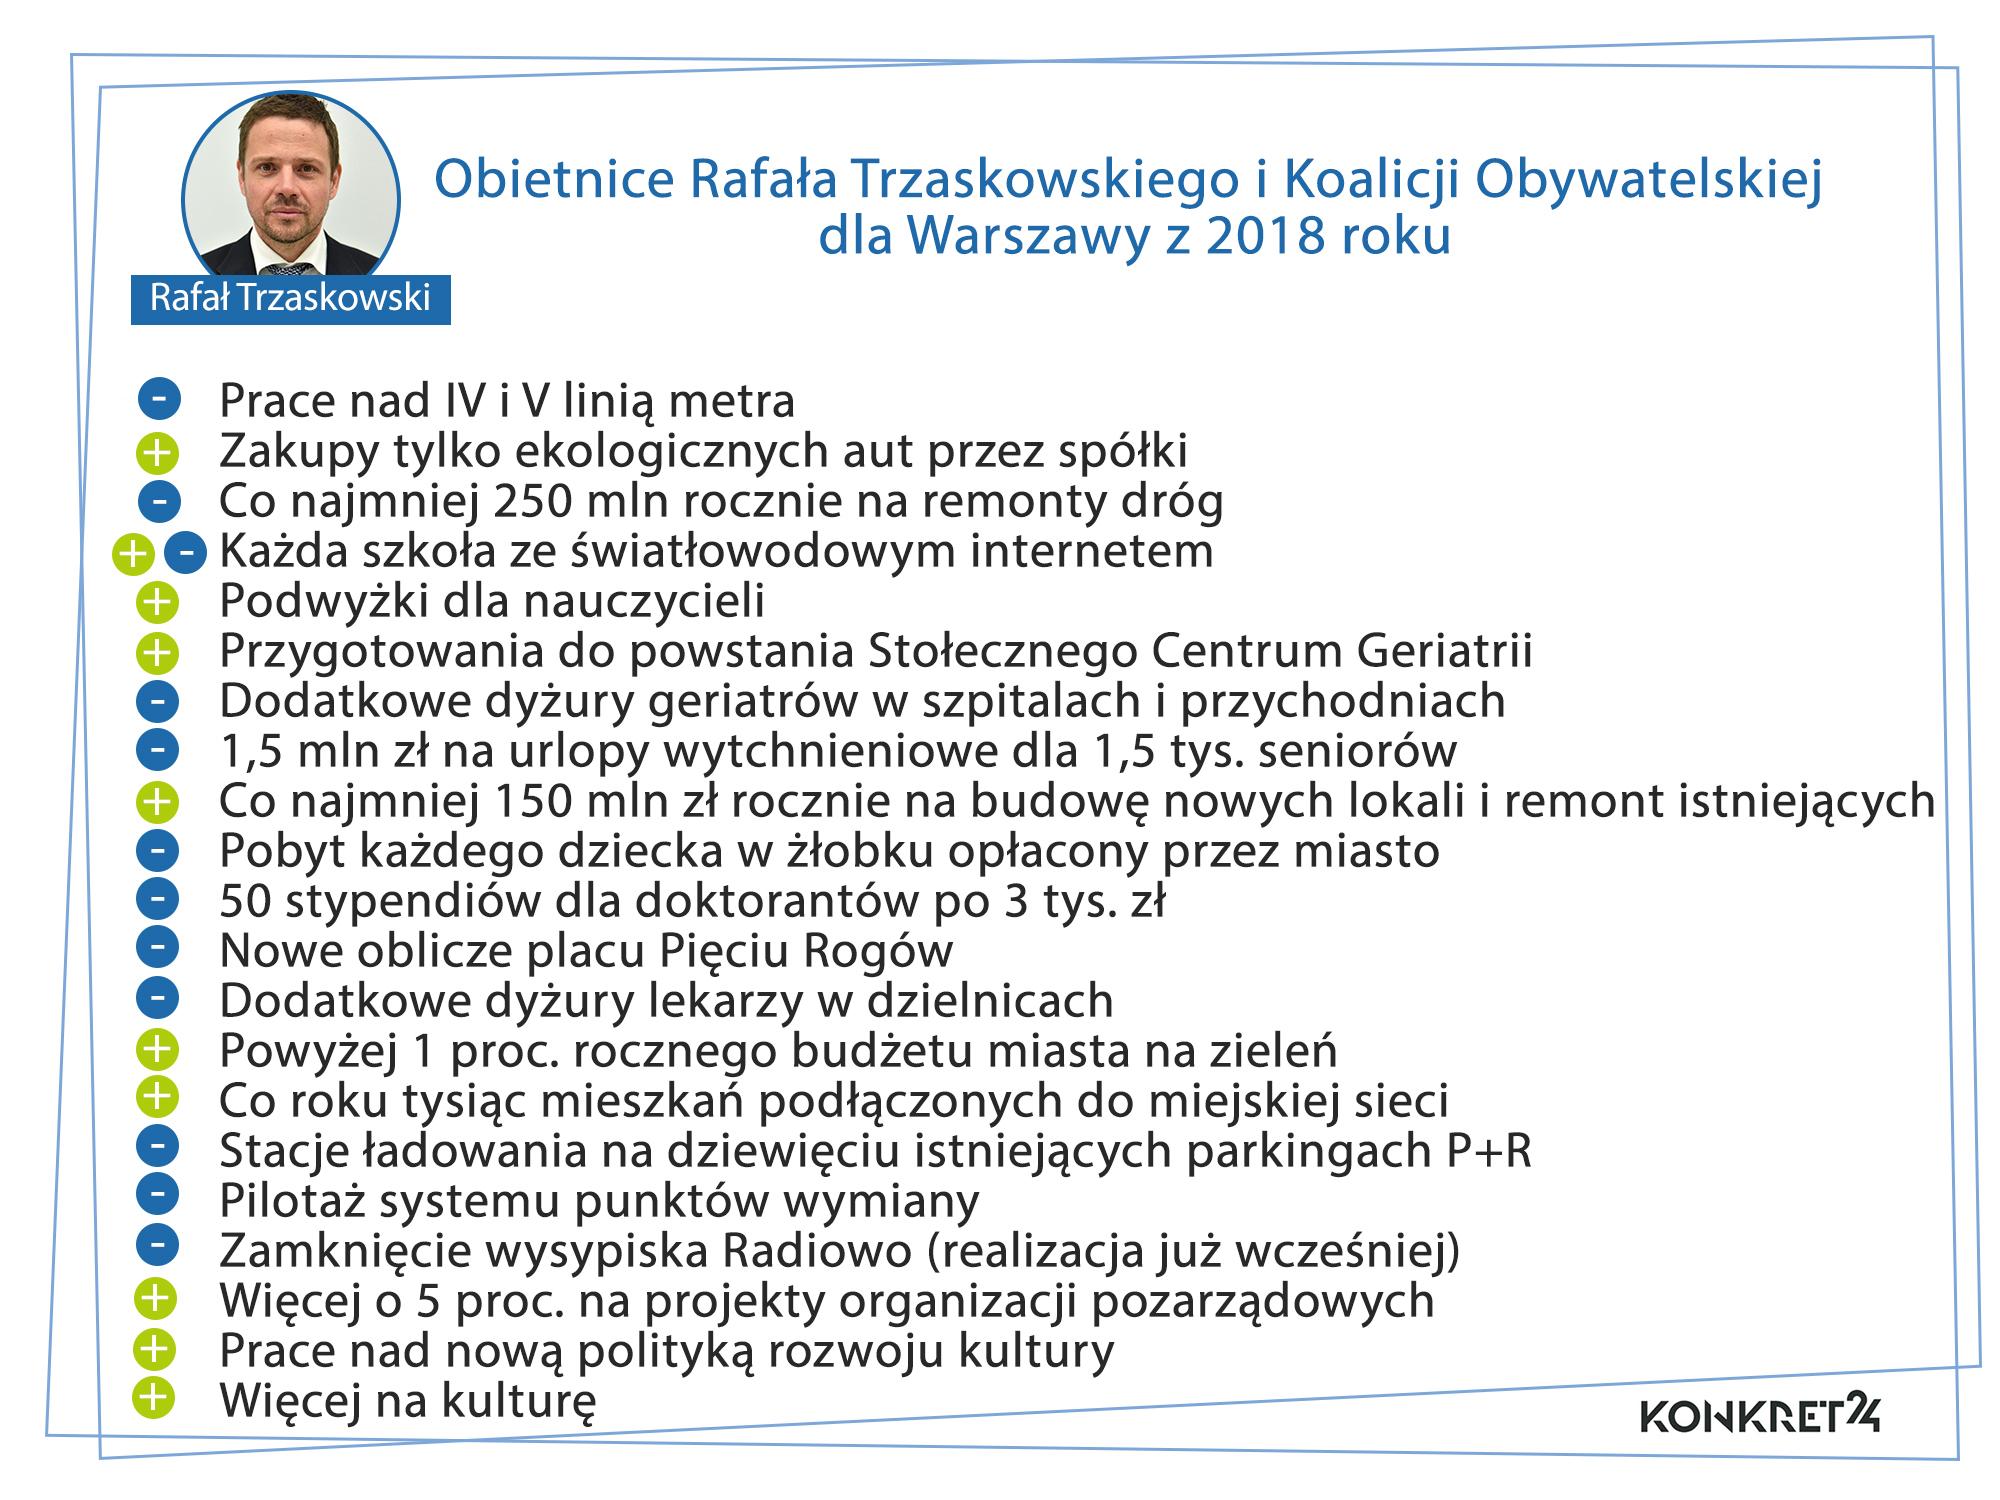 Obietnice Rafała Trzaskowskiego i KO dla Warszawy z 2018 roku